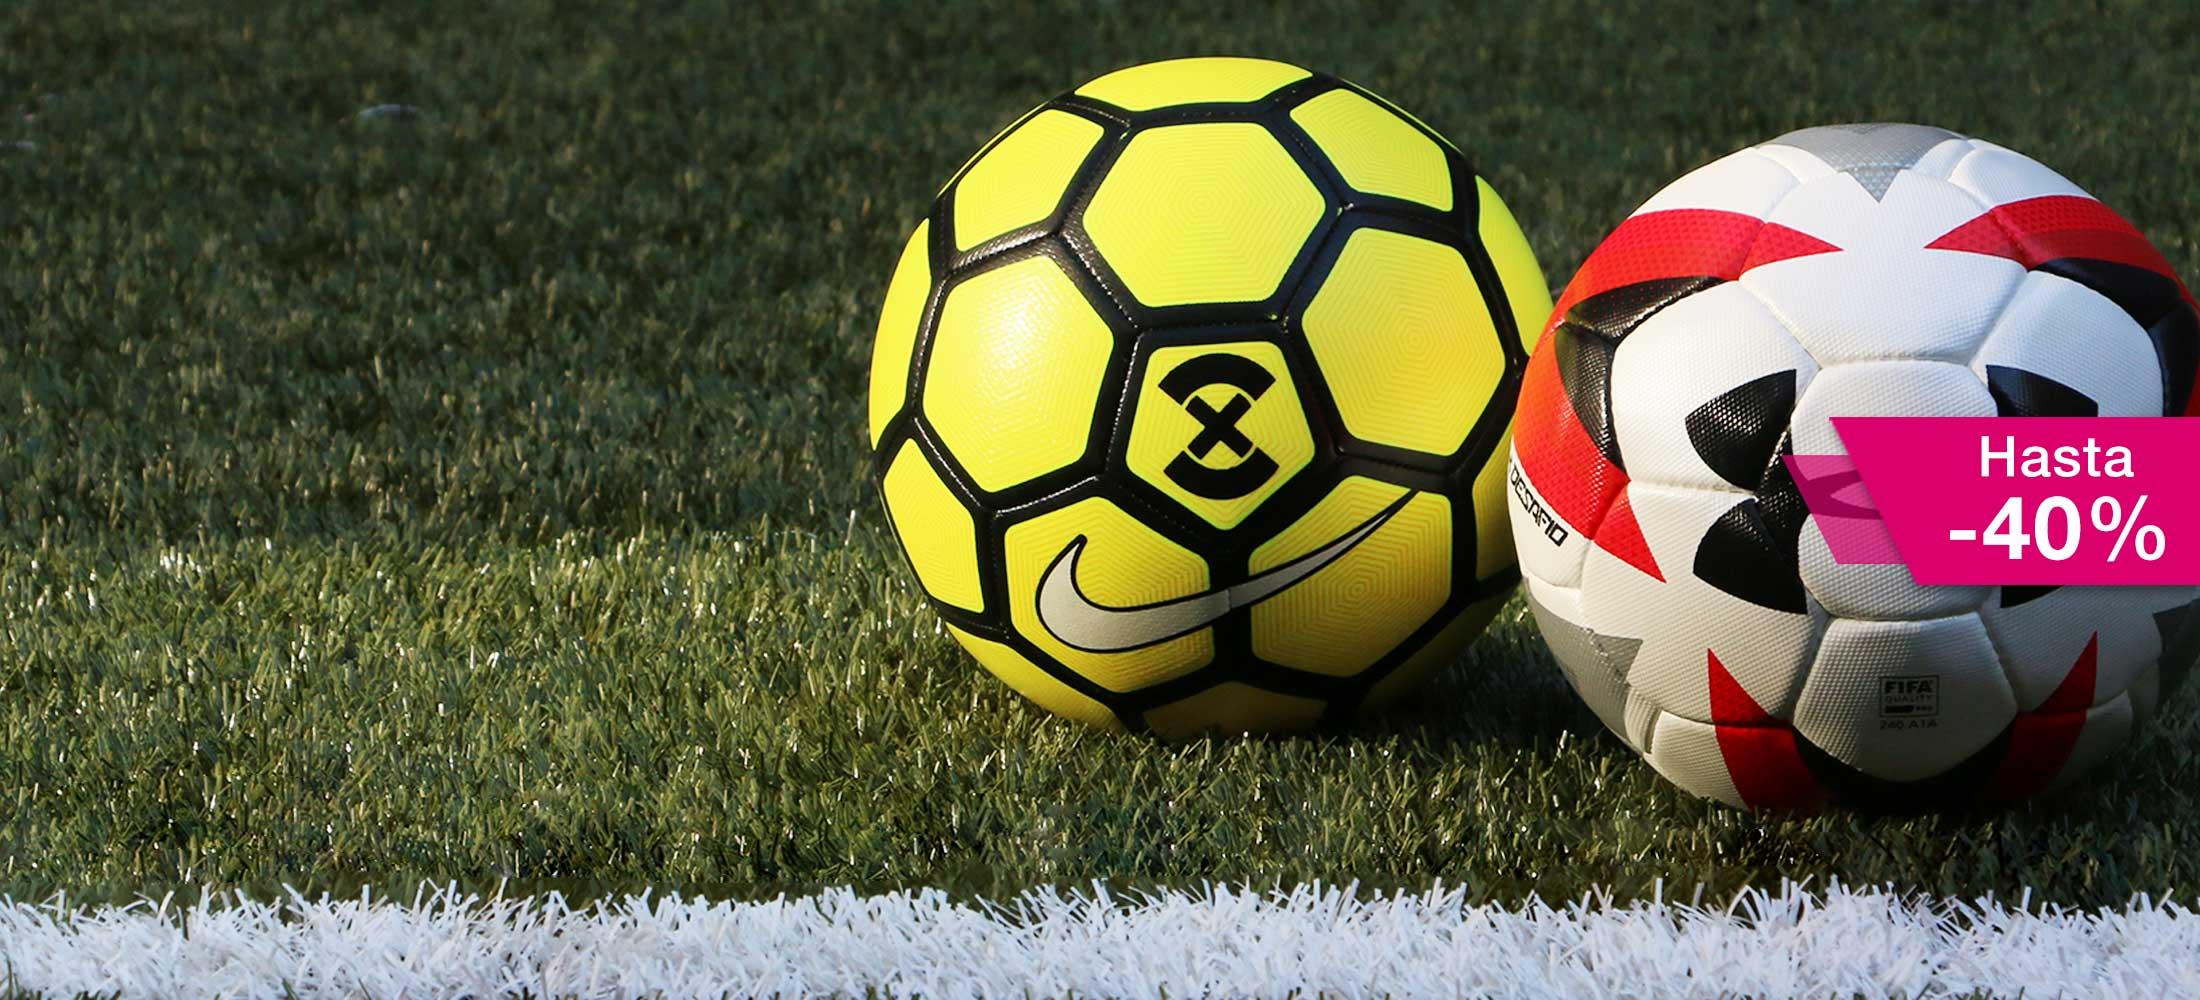 Rebajas en balones de fútbol